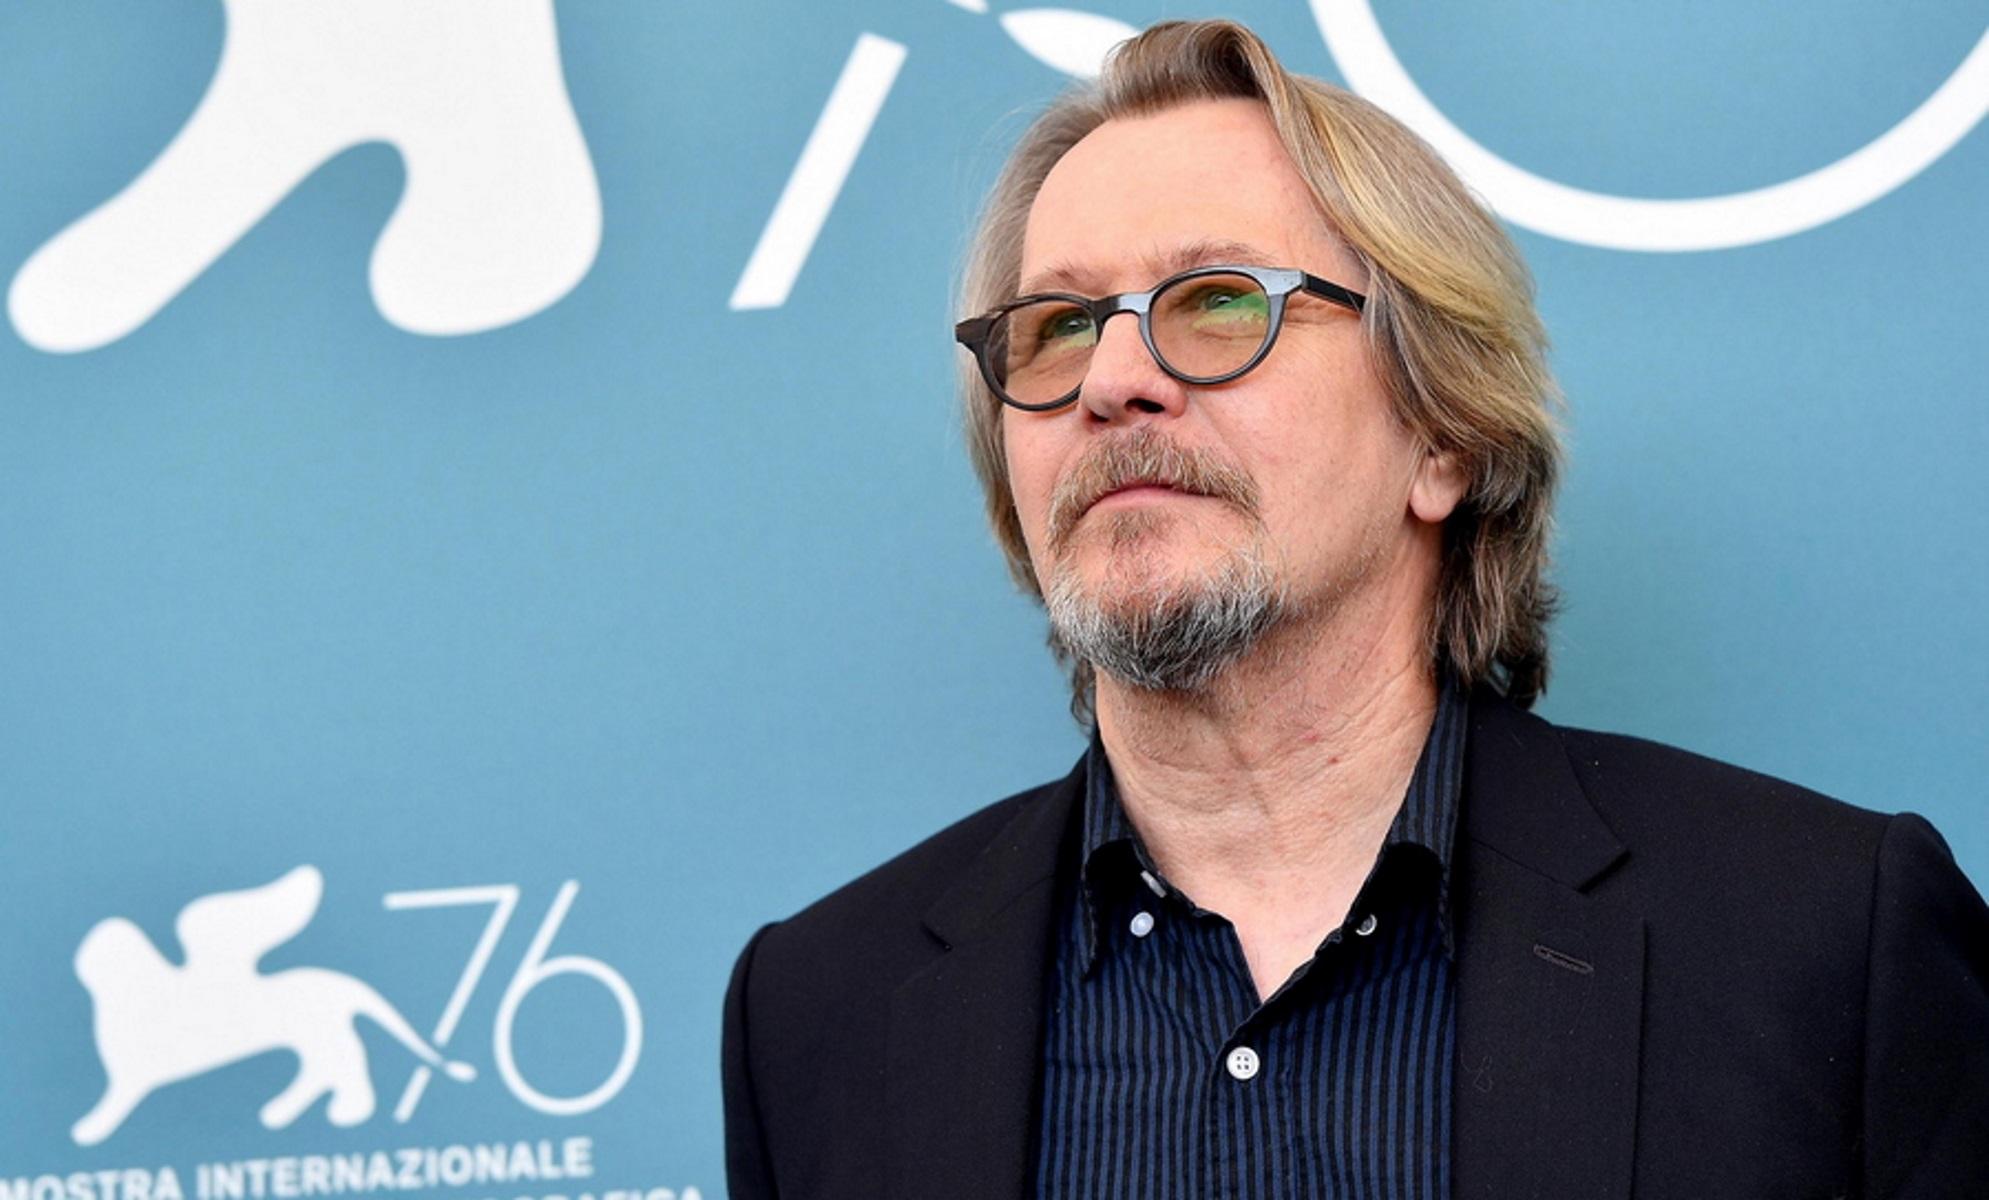 Σεναριογράφος κατέθεσε αγωγή εναντίον του Γκάρι Όλντμαν για την ταινία «Darkest Hour»